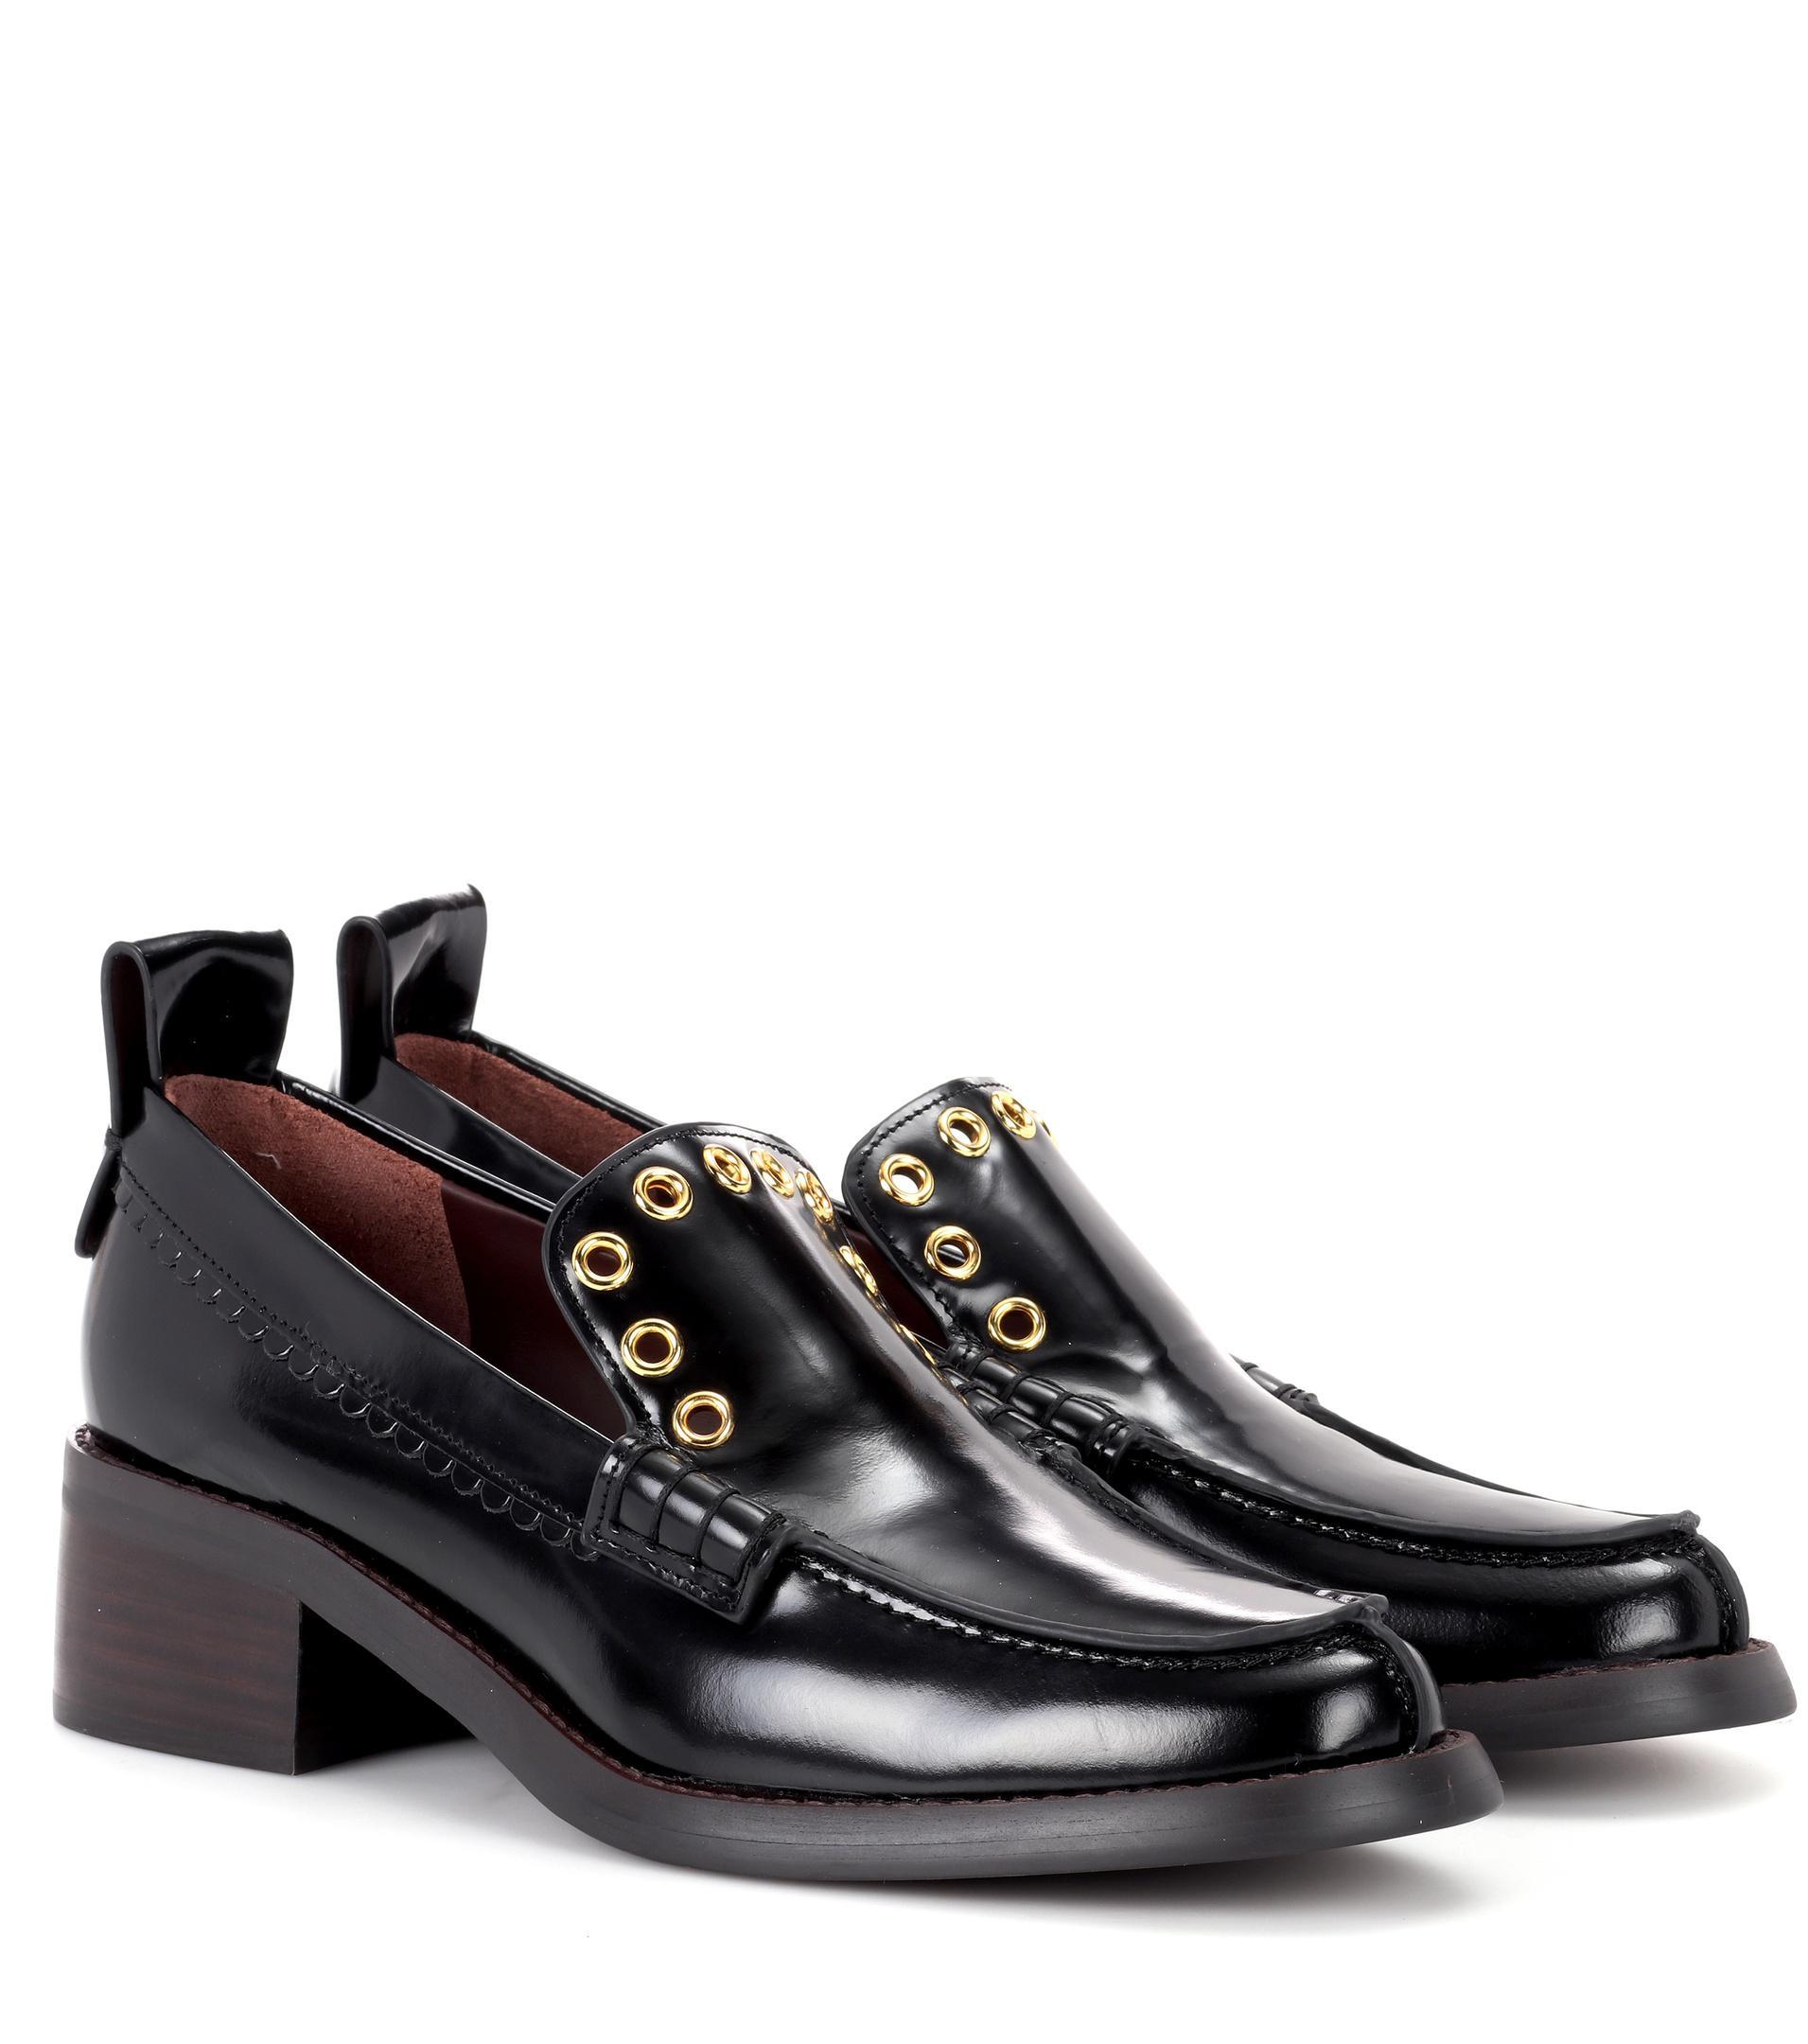 Maison Margiela Women S Shoes